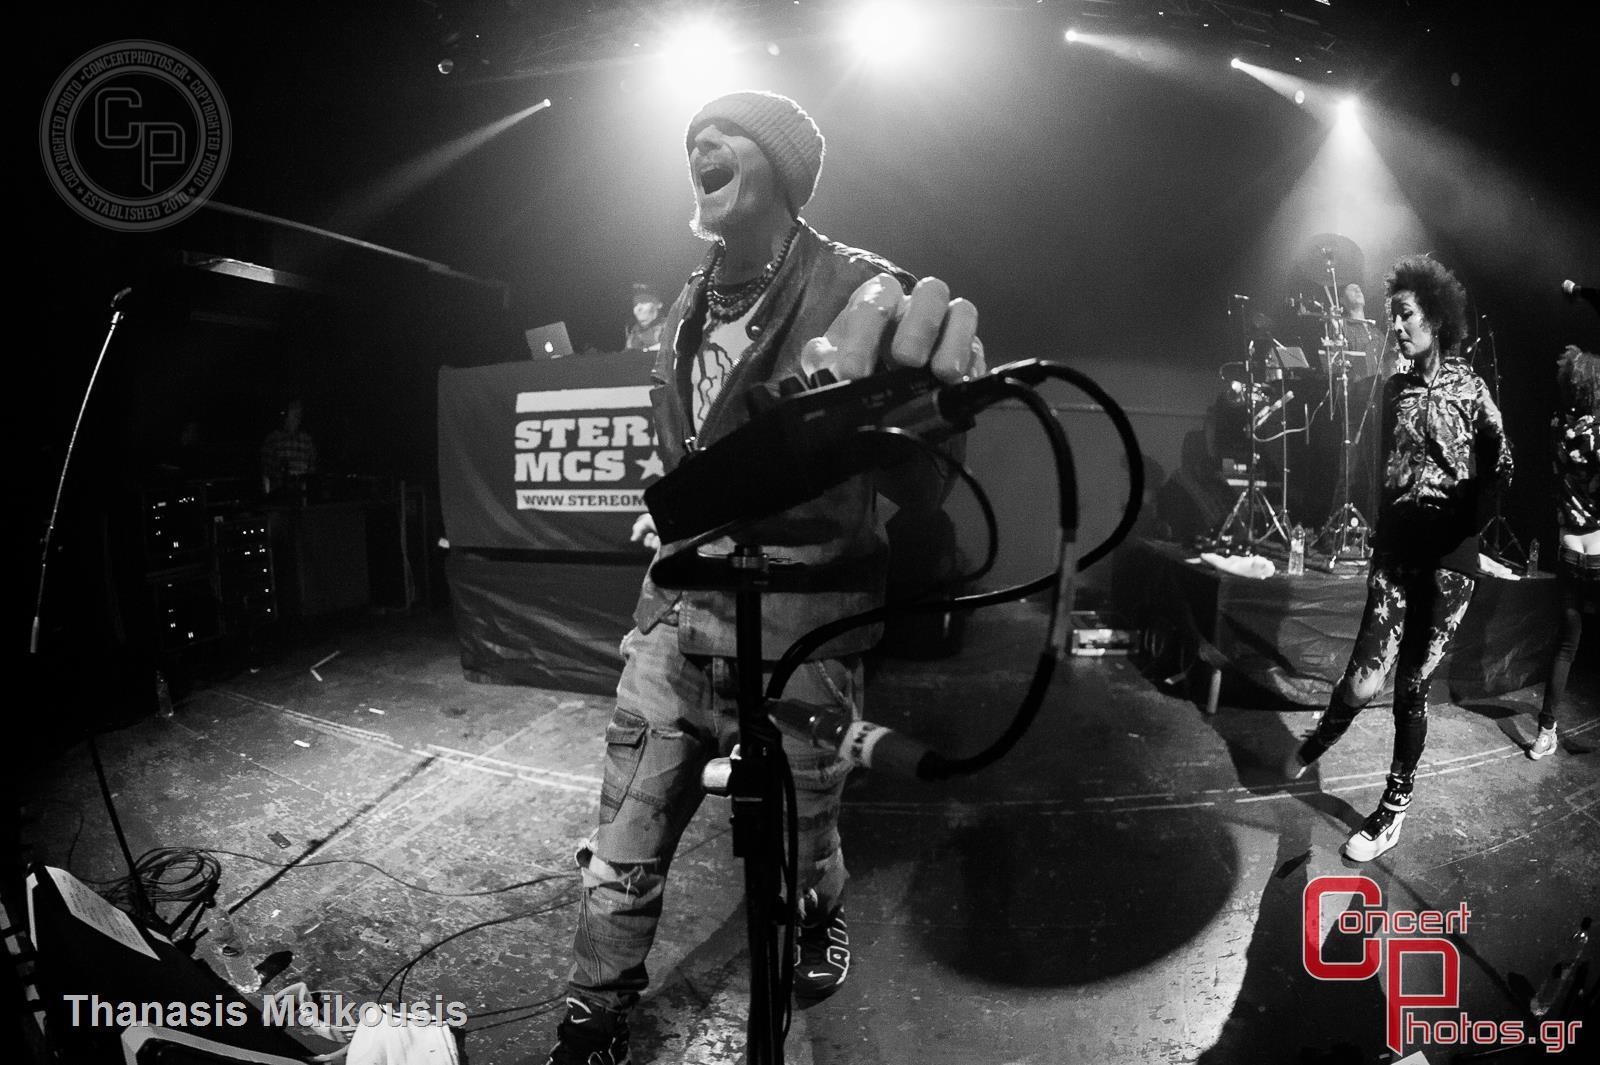 Stereo Mc's-Stereo Mcs photographer: Thanasis Maikousis - ConcertPhotos - 20141129_2304_48-2